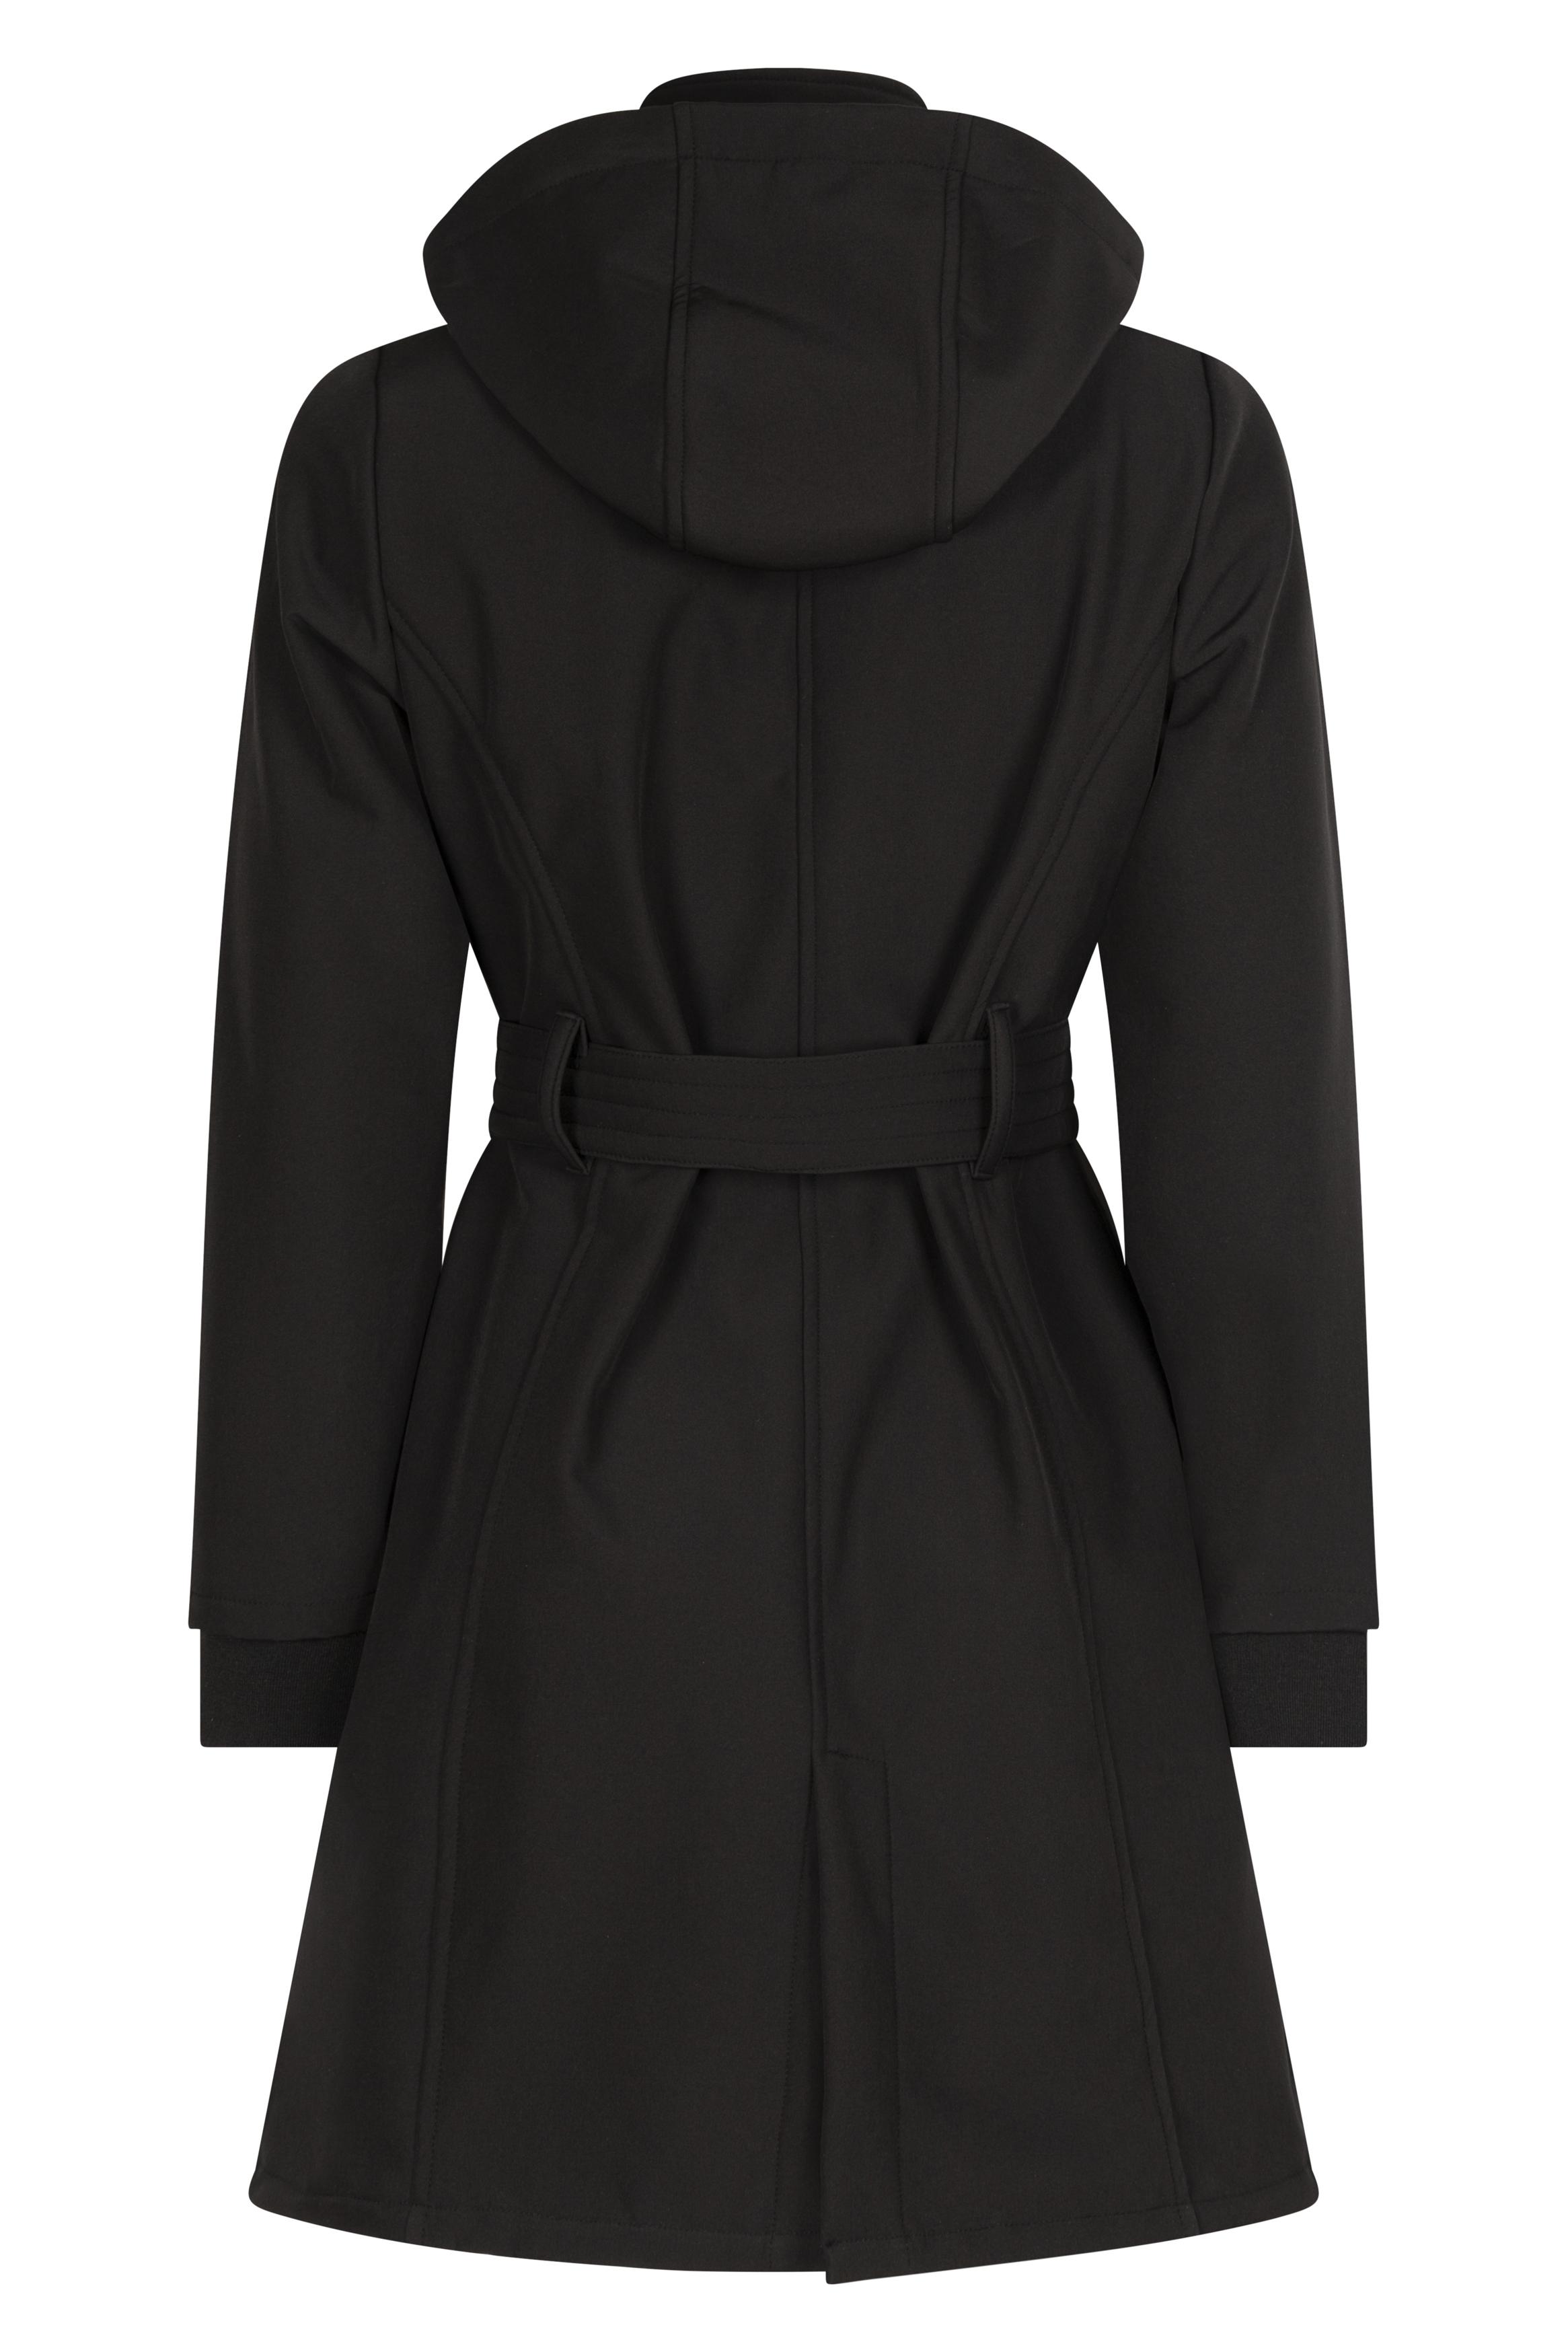 Softshell trenchcoat black